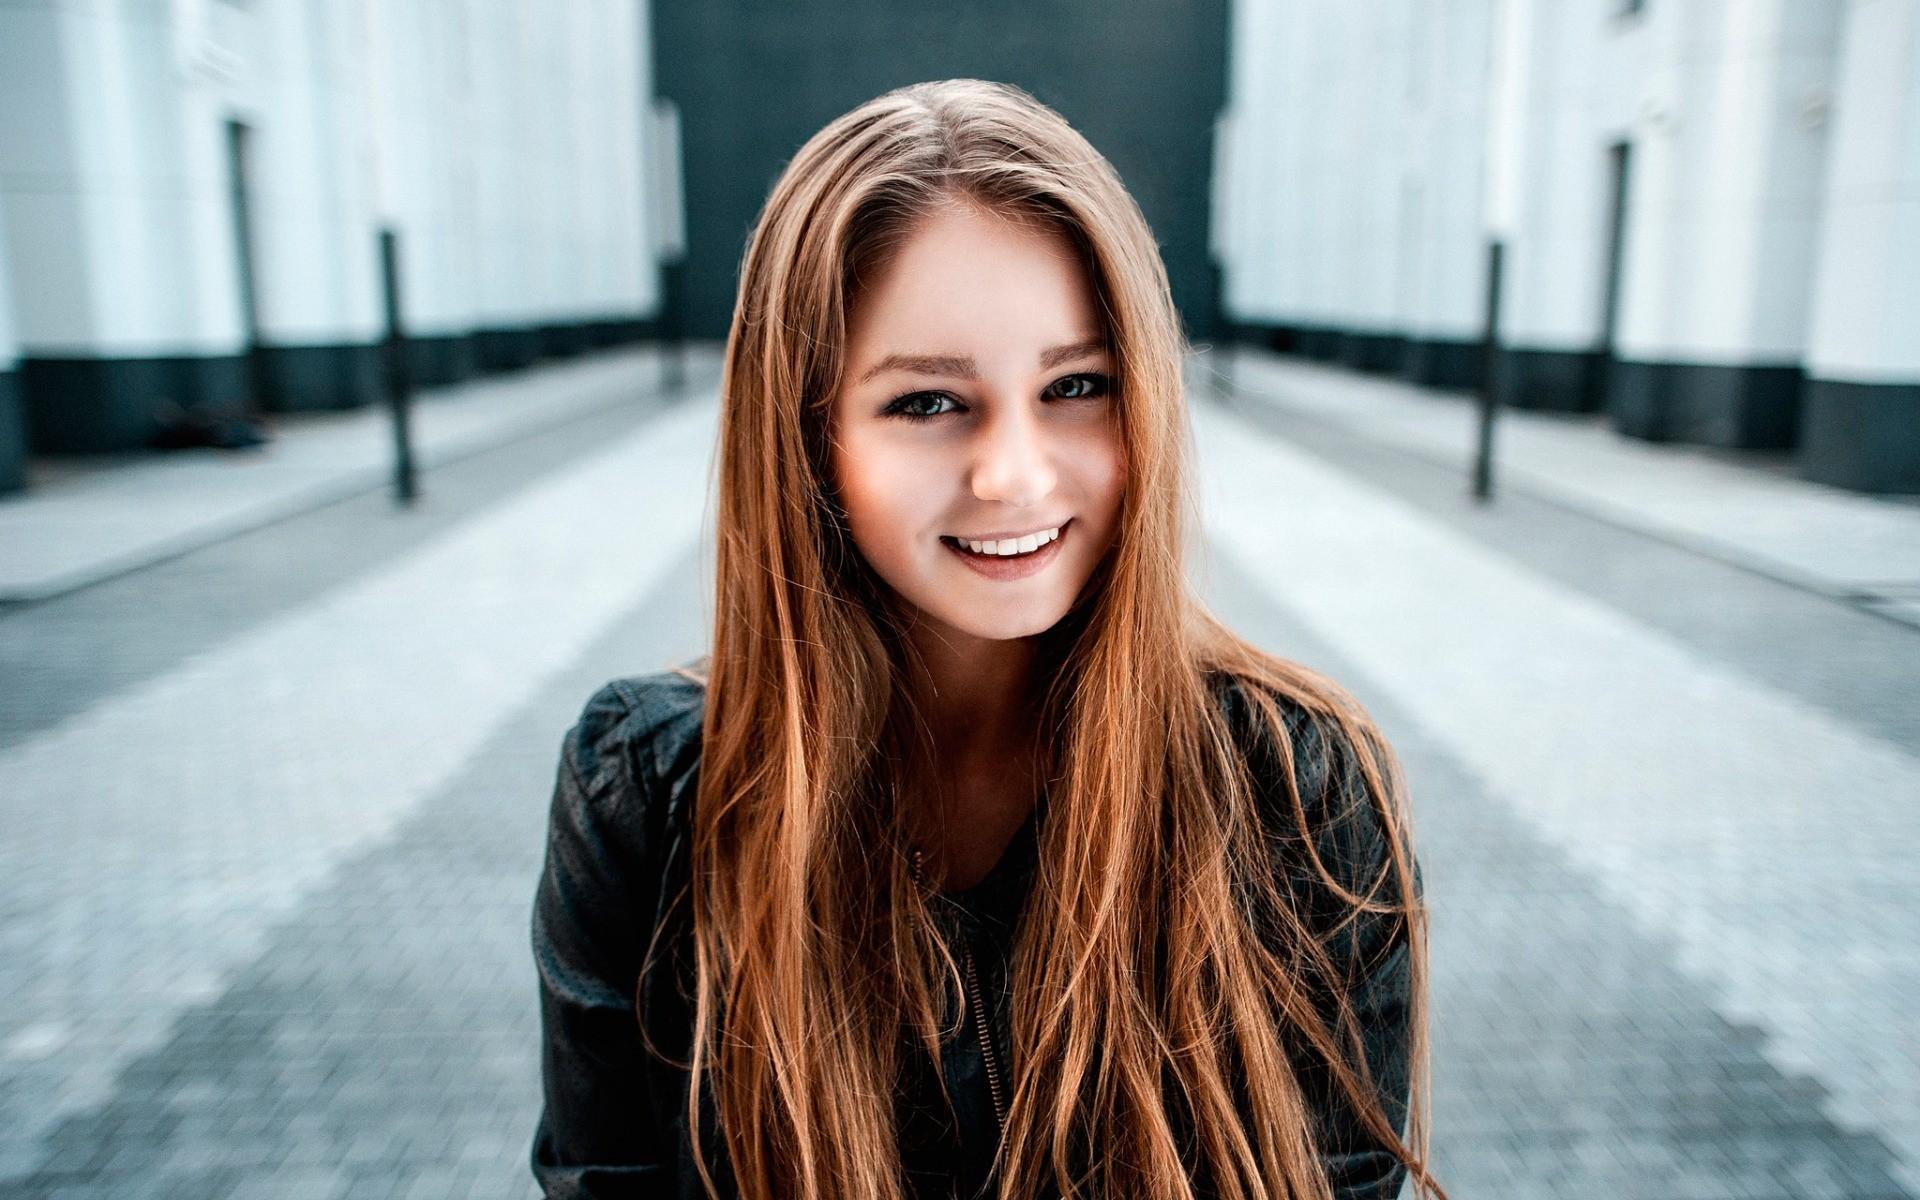 Картинки красивой девушки подростка